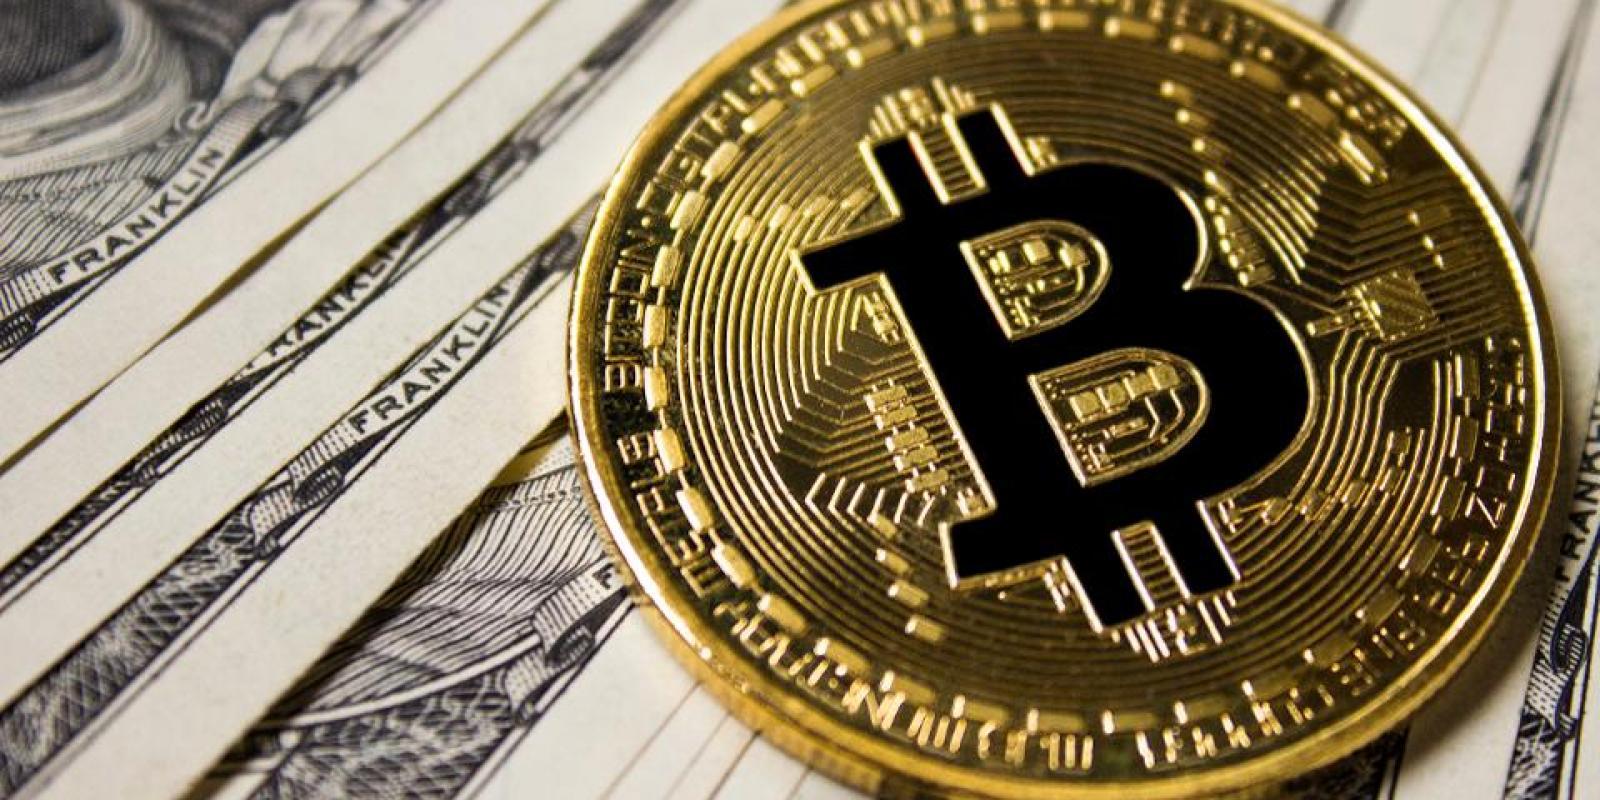 Quelqu'un a envoyé 88857 Bitcoins d'une valeur de près d'un milliard d'euros, la transaction Bitcoin la plus précieuse de l'histoire